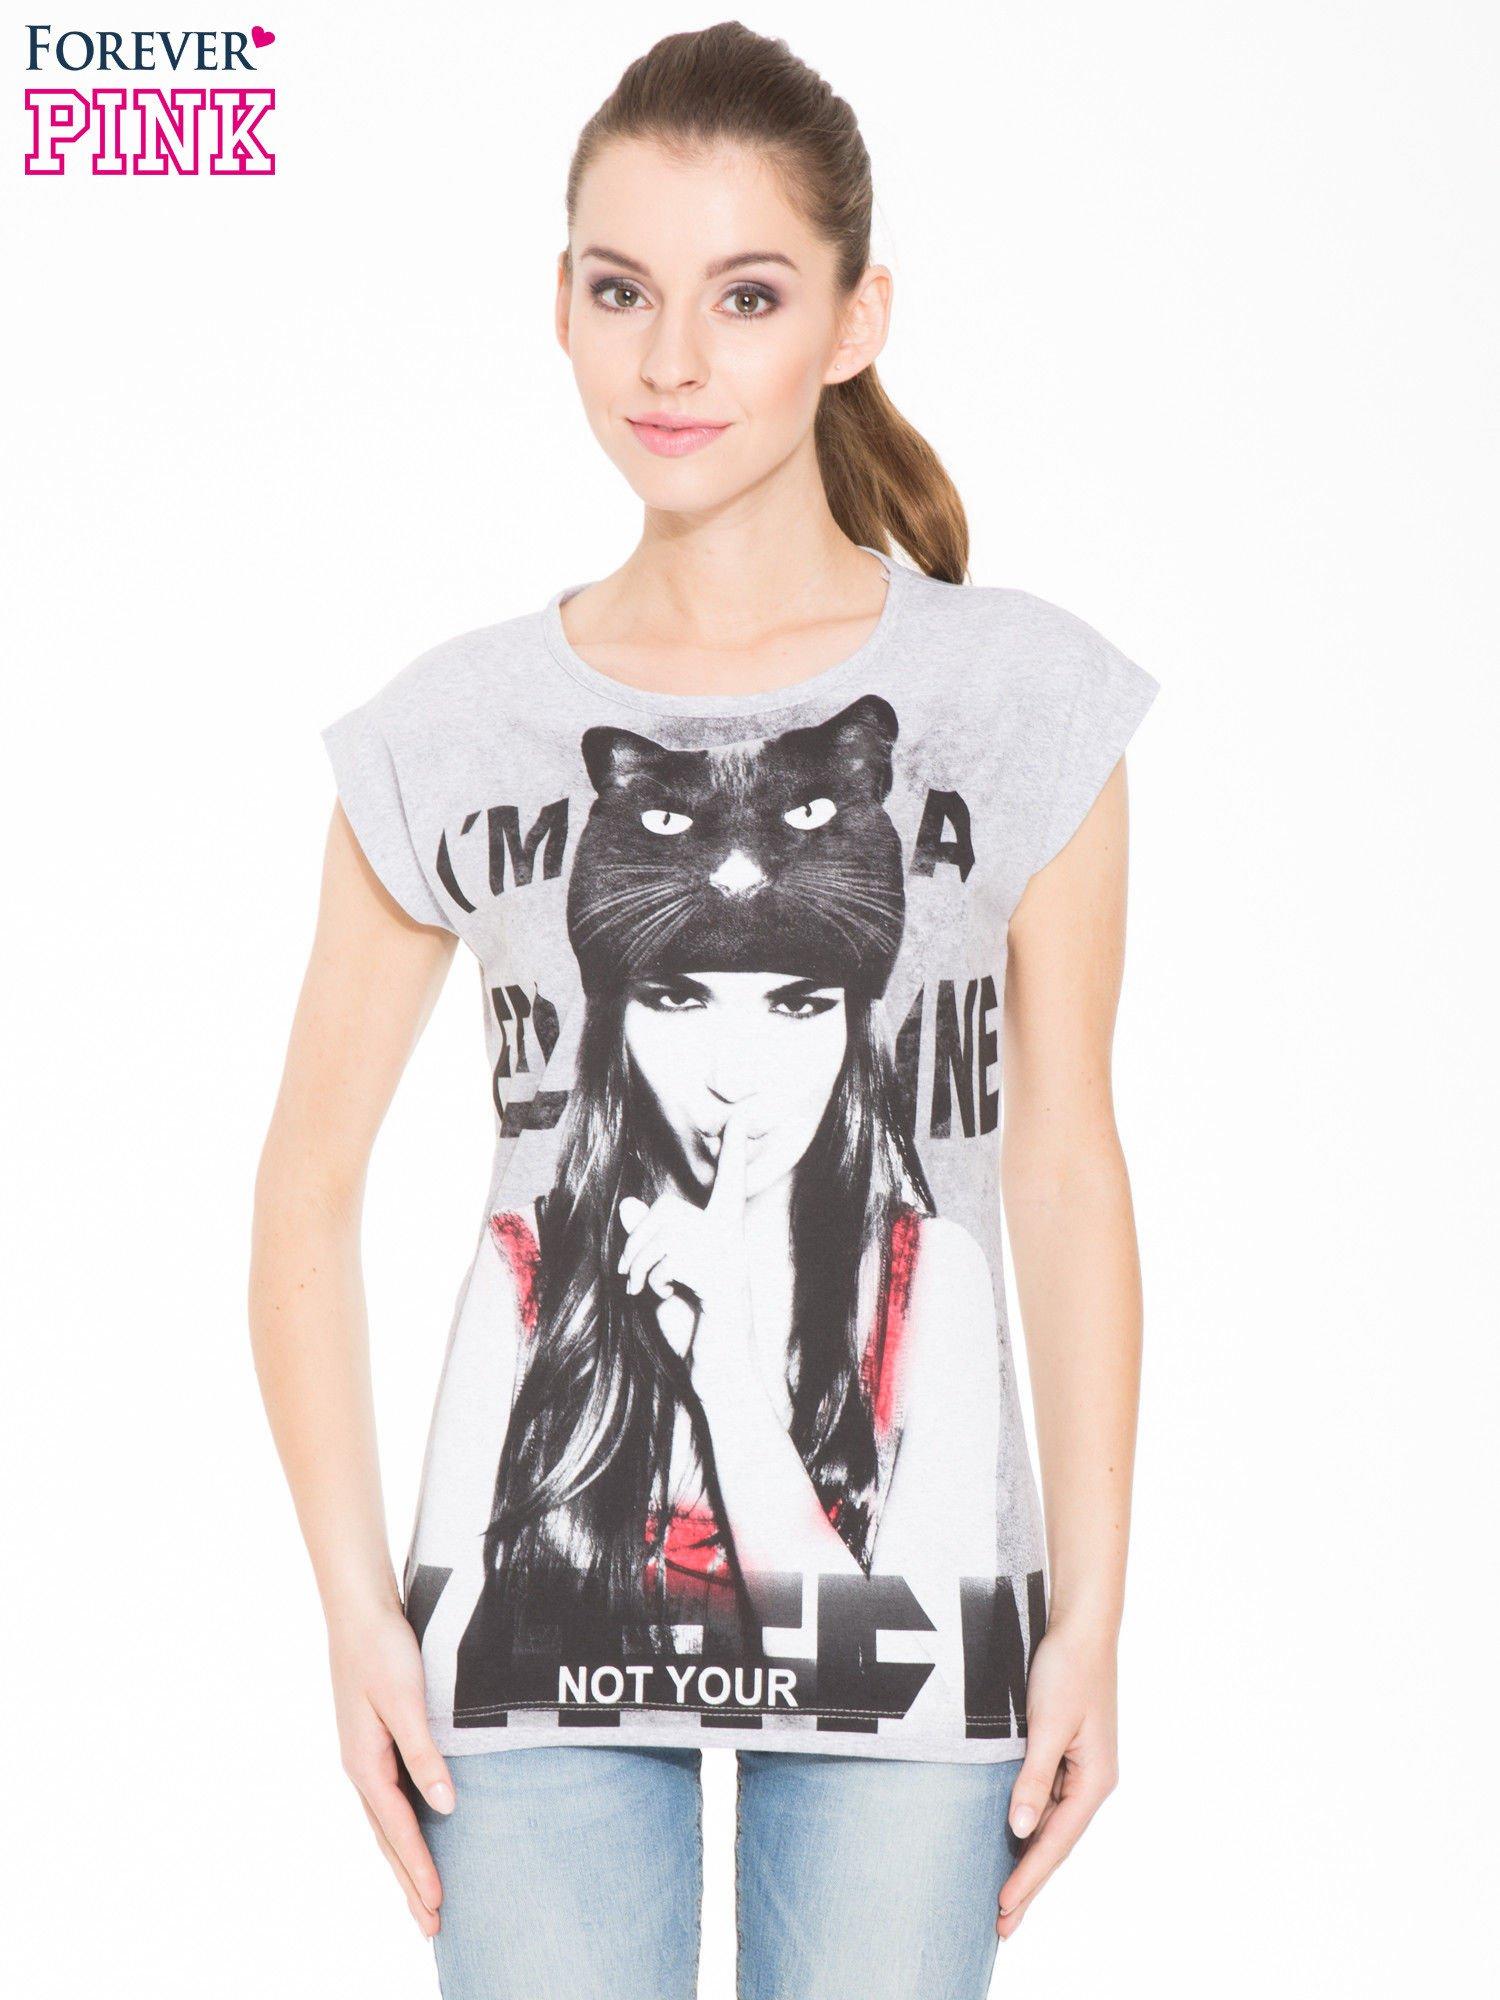 Szary t-shirt z nadrukiem kobiety-kota                                  zdj.                                  1